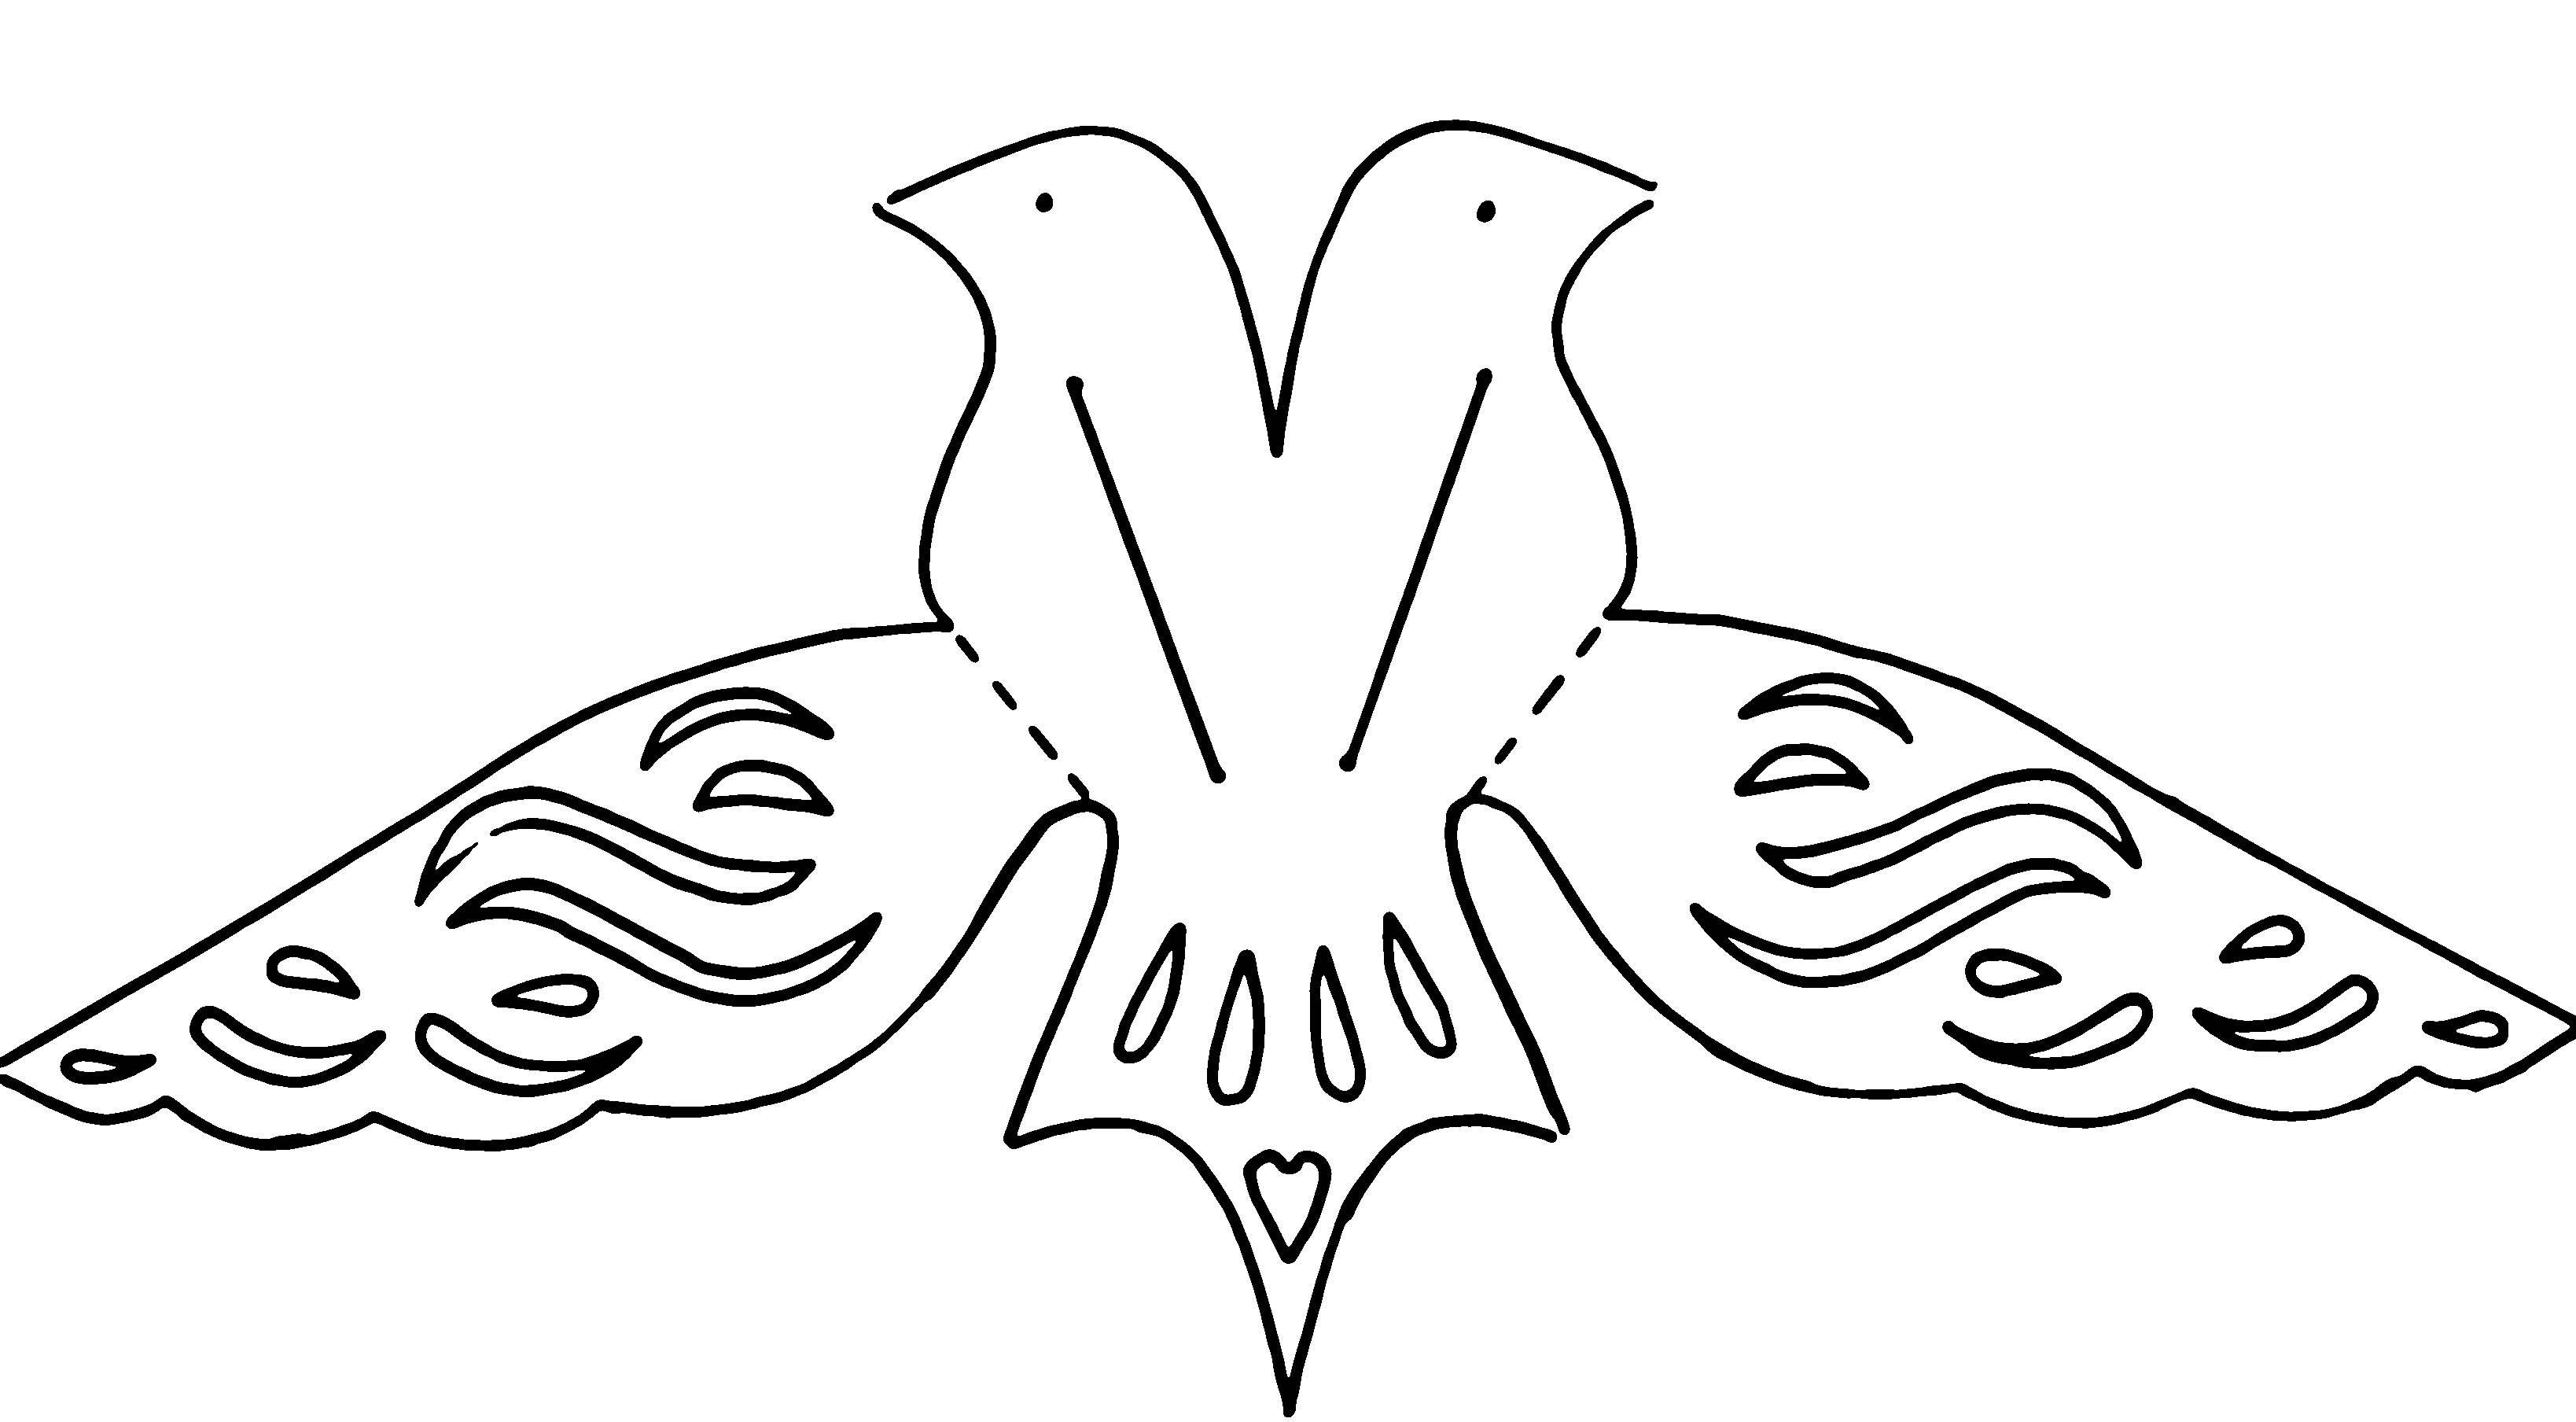 Птица картинка для вырезания